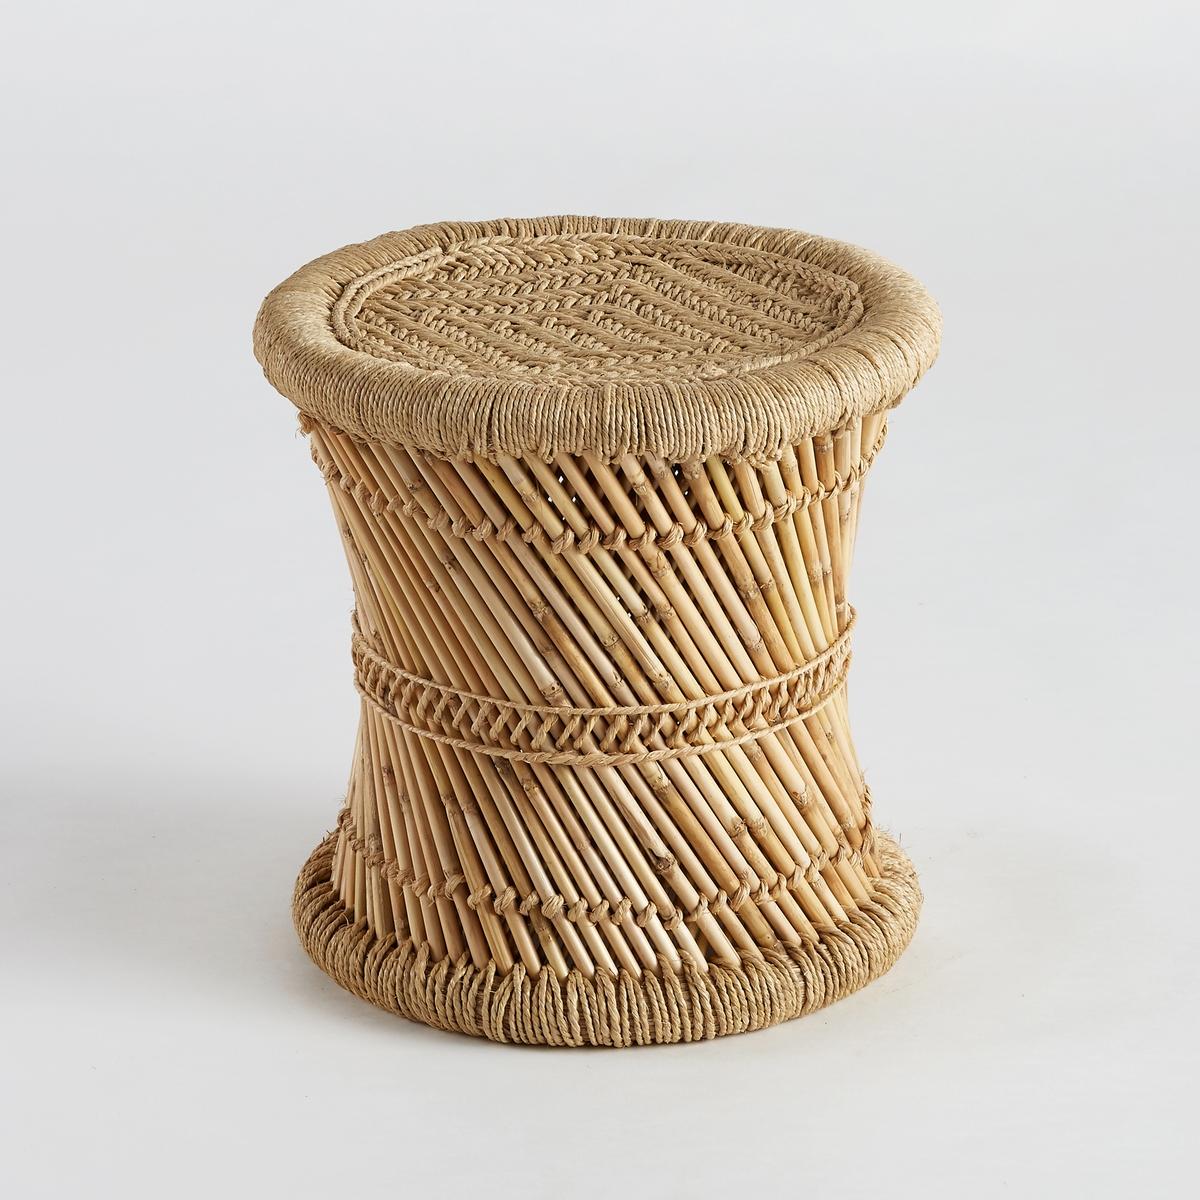 Столик диванный TingdaДиванный столик Tingda. Можно использовать отдельно или в сочетании с другими моделями из нашей коллекции, которые продаются на нашем сайте.Характеристики :- Из плетеного бамбука и веревки из полиэстера. Ручное производство.Размеры  :- диаметр 41 x высота 43 см.<br><br>Цвет: серо-бежевый